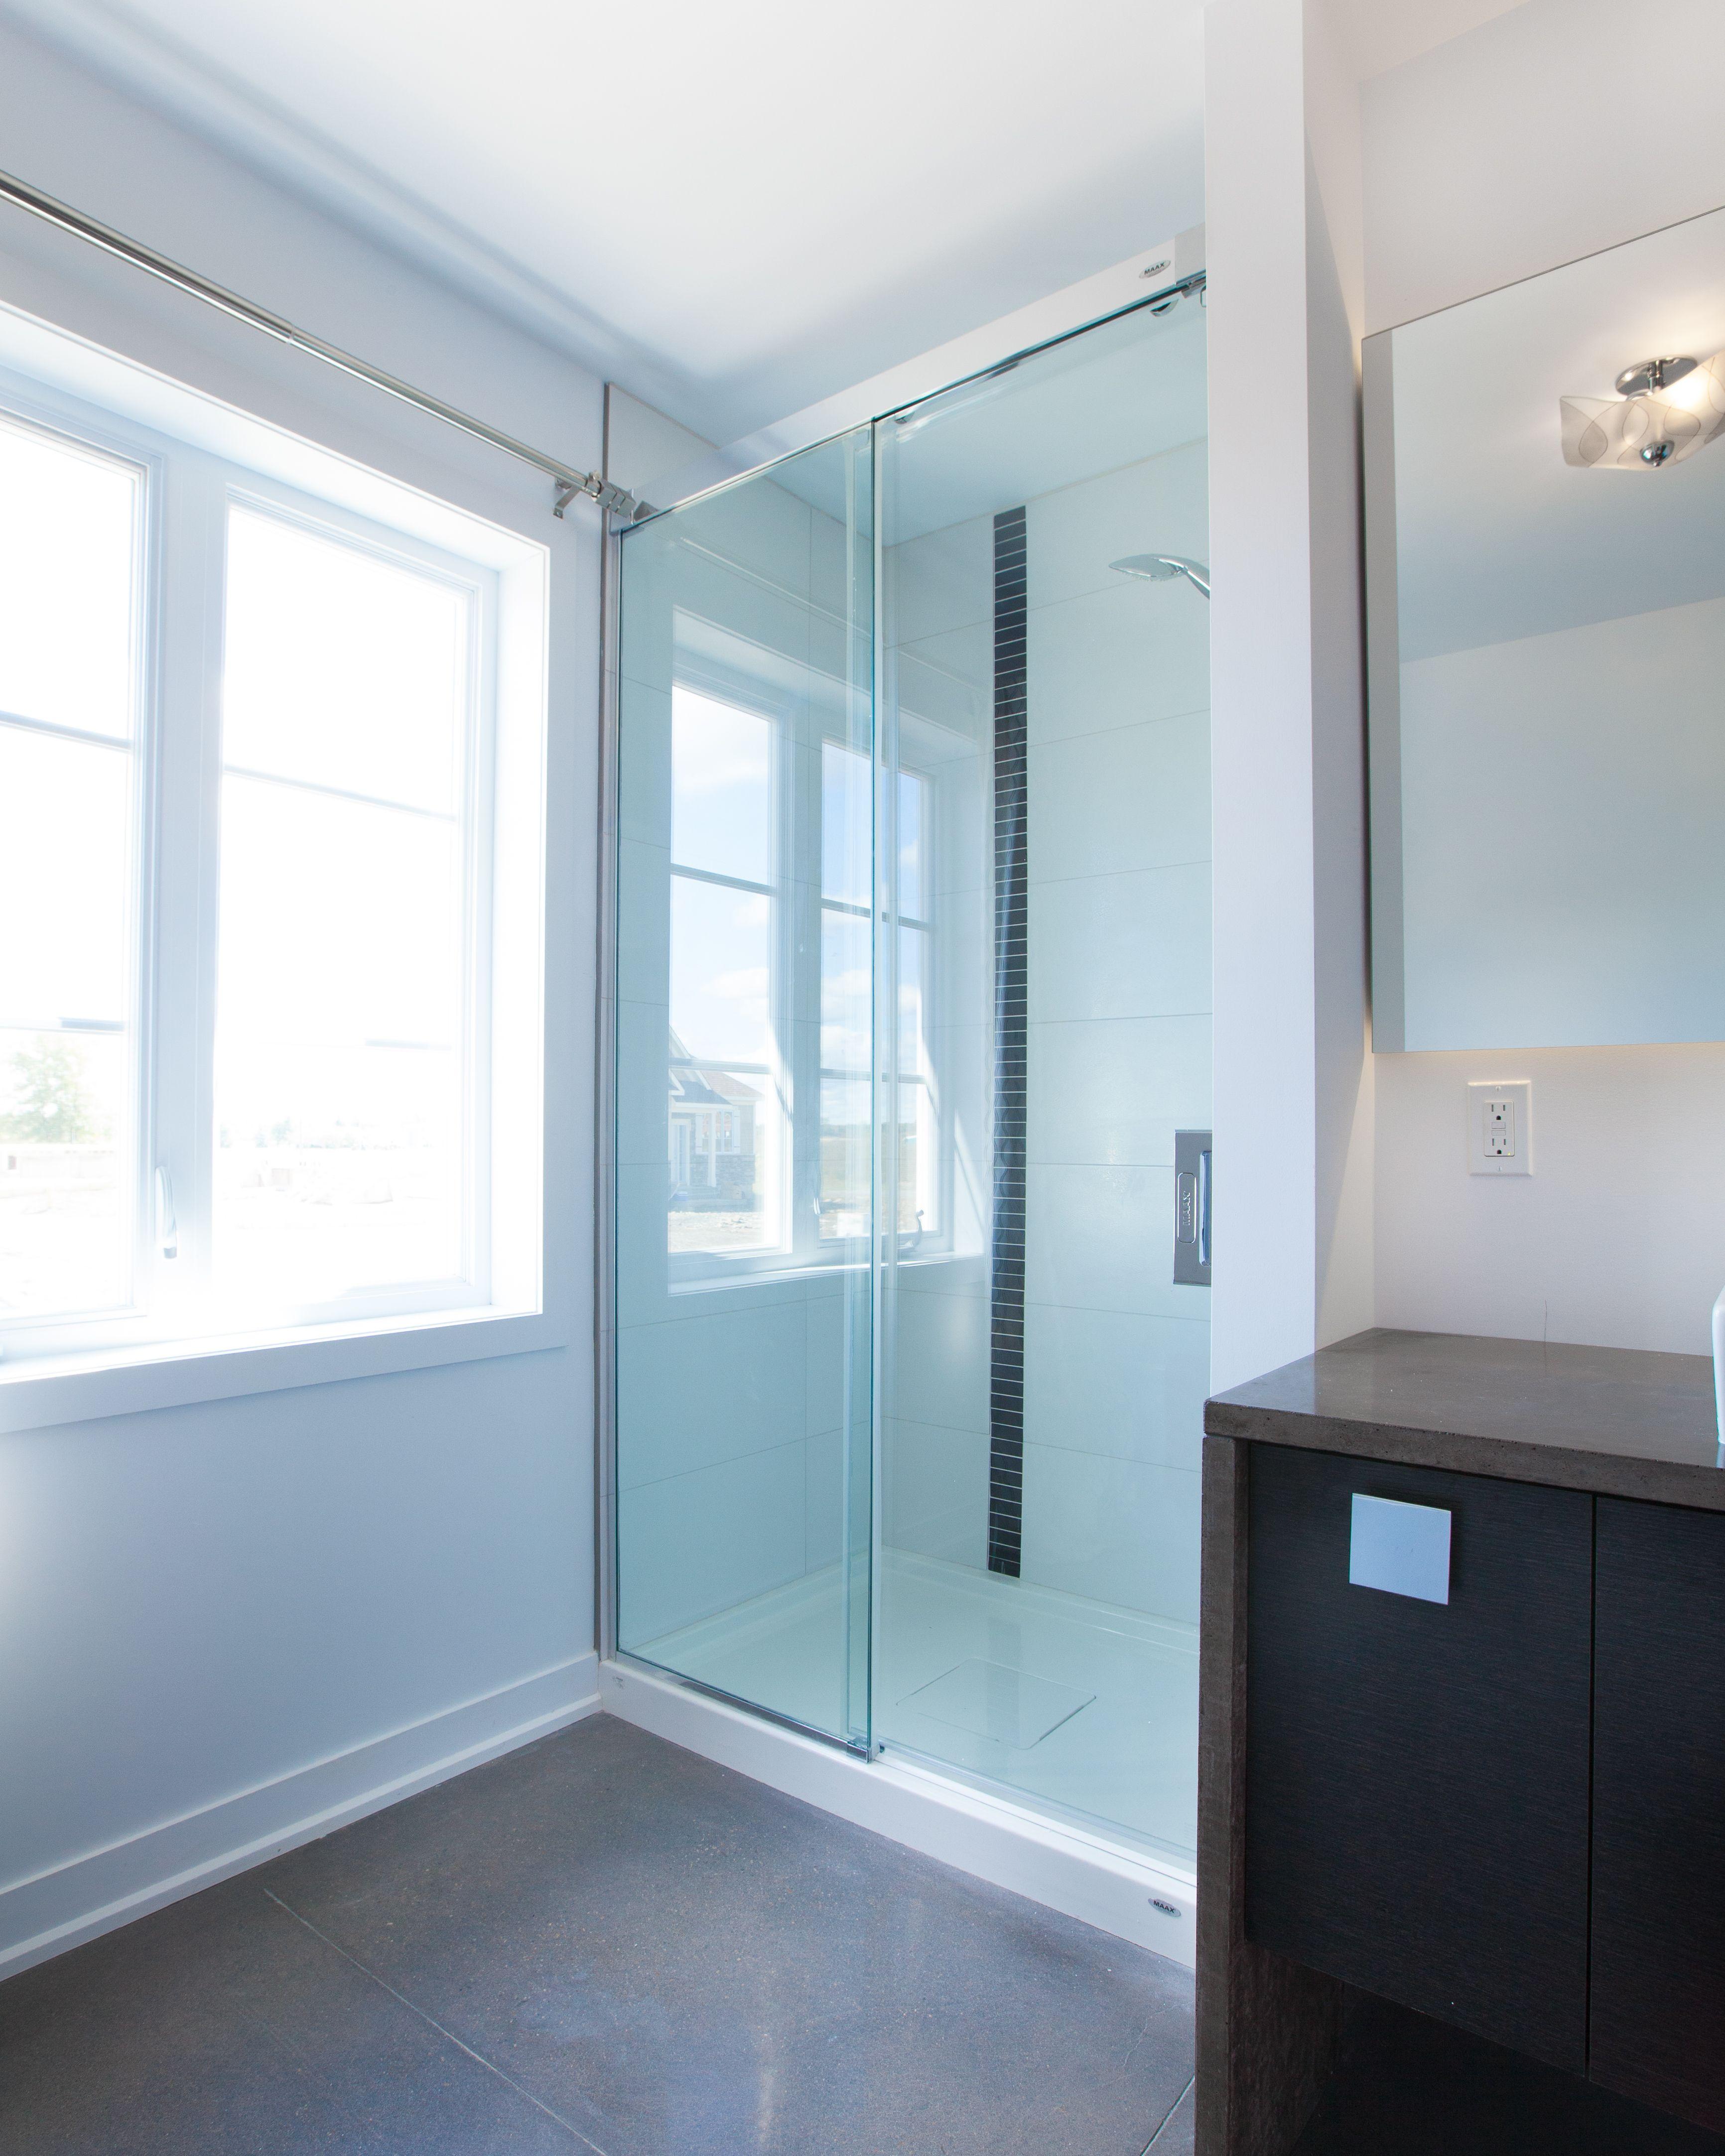 douche en c ramique avec porte vitr e coulissante mod le. Black Bedroom Furniture Sets. Home Design Ideas